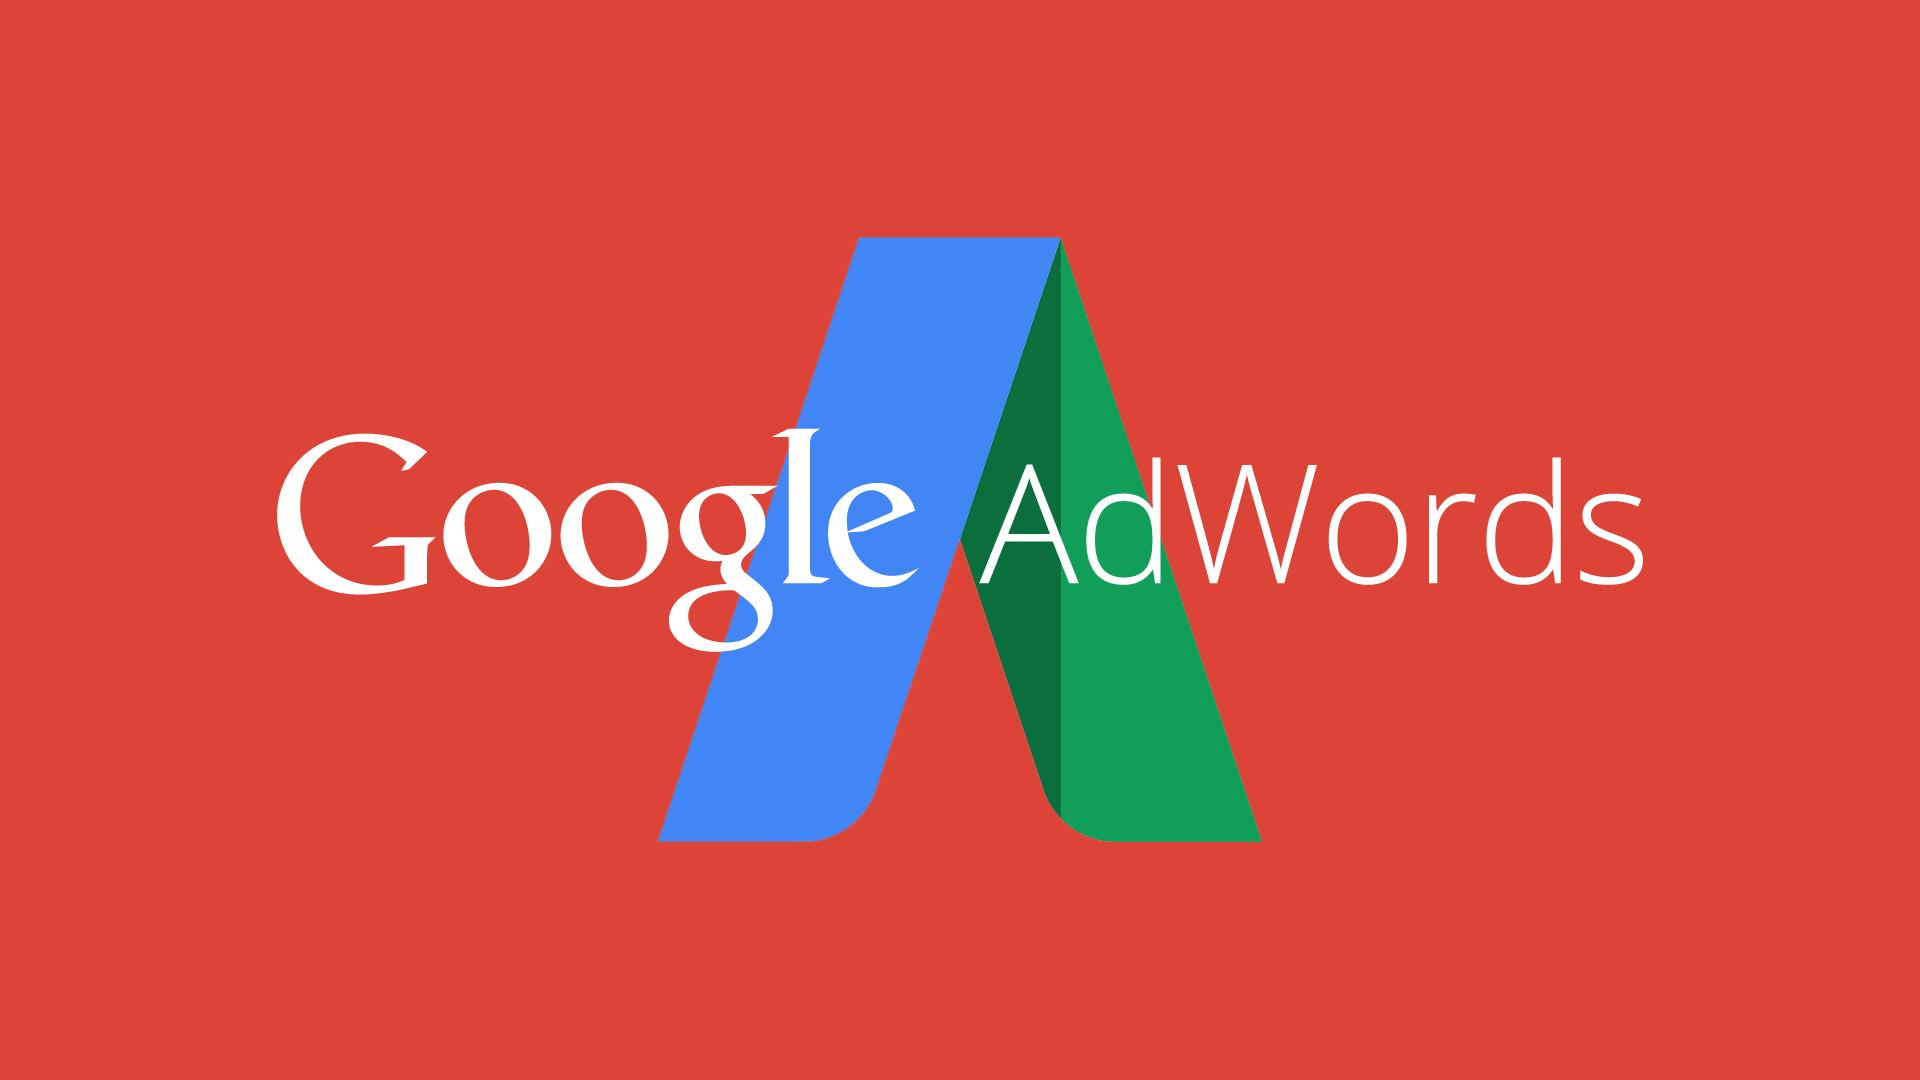 как быстро улучшить объявления в google adwords